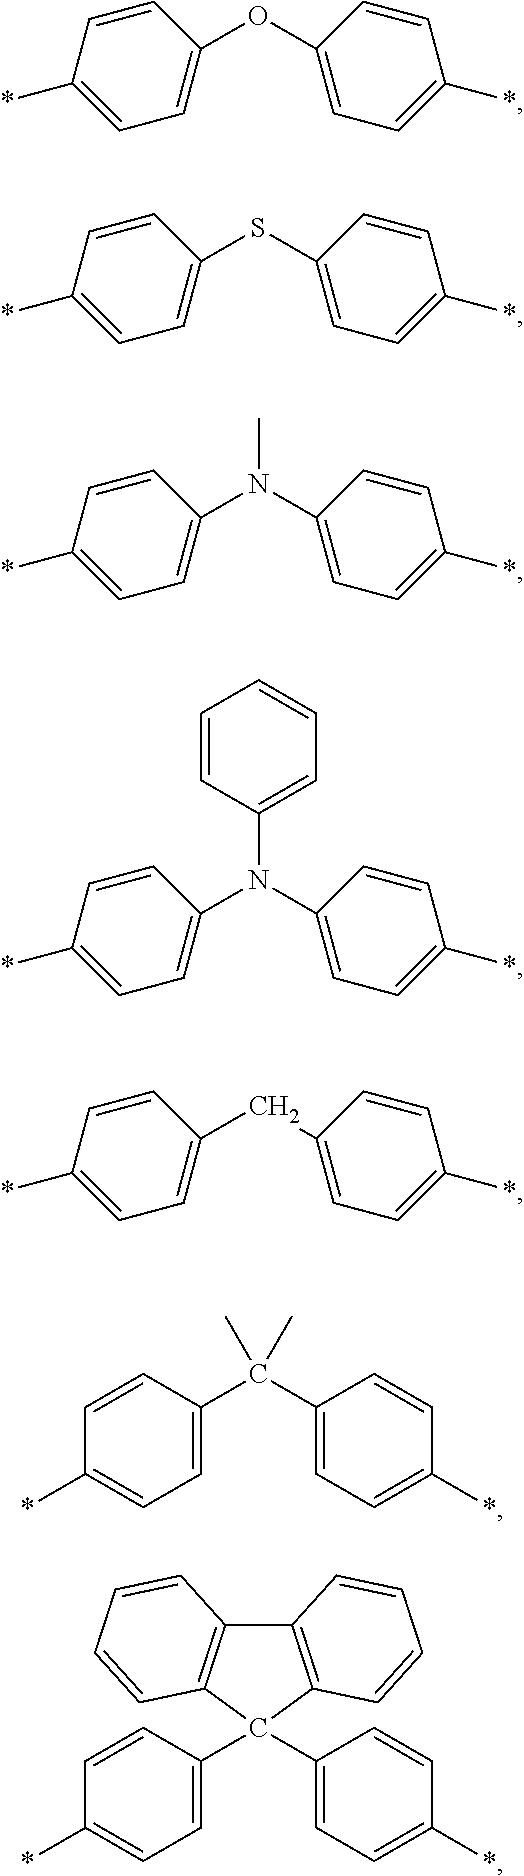 Figure US09599560-20170321-C00007